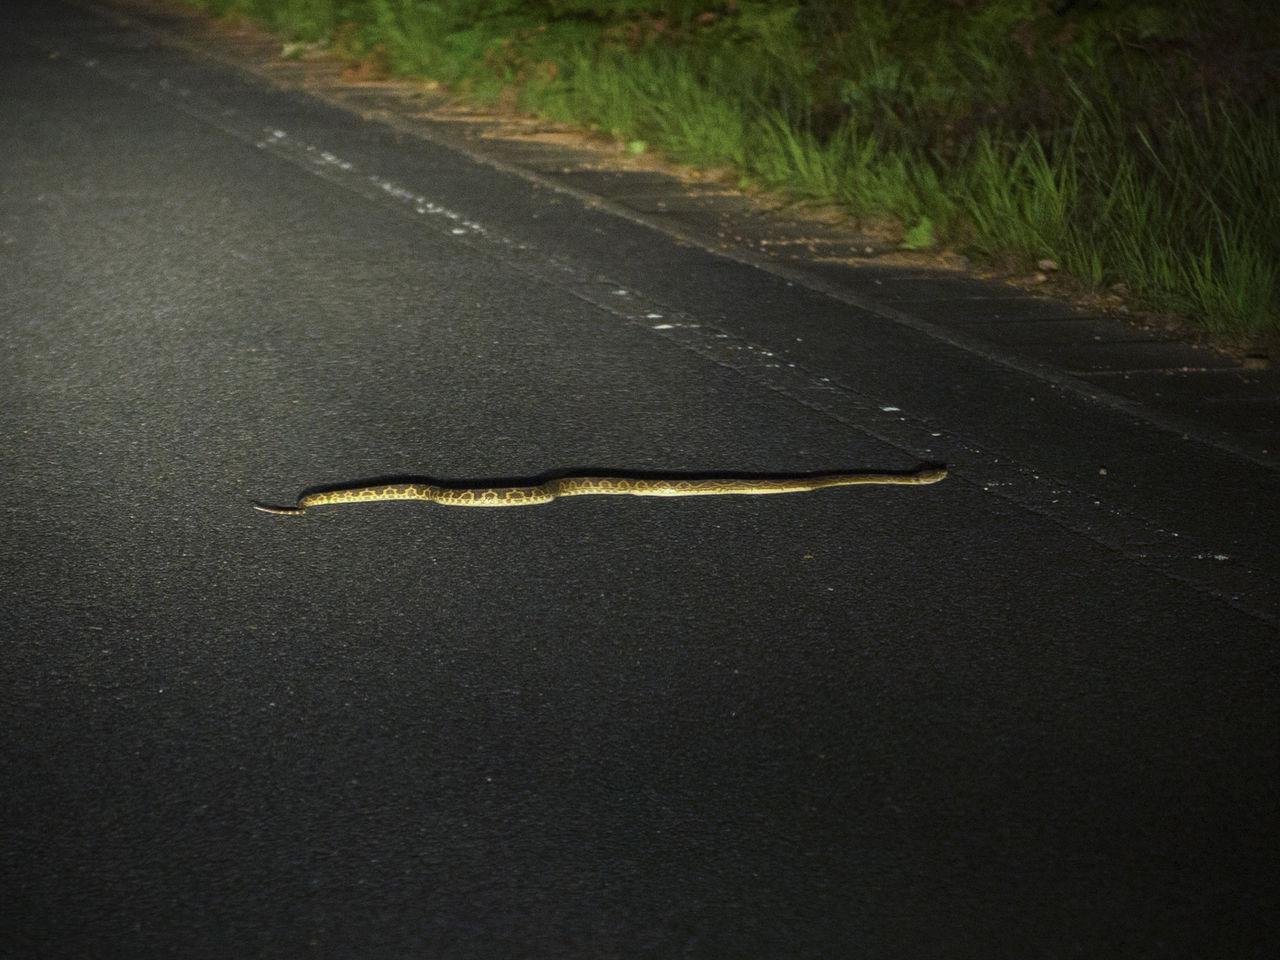 Поскольку змея хабу (желто-зеленая куфия) – ночной вид, при наступлении темноты необходима особая осторожность